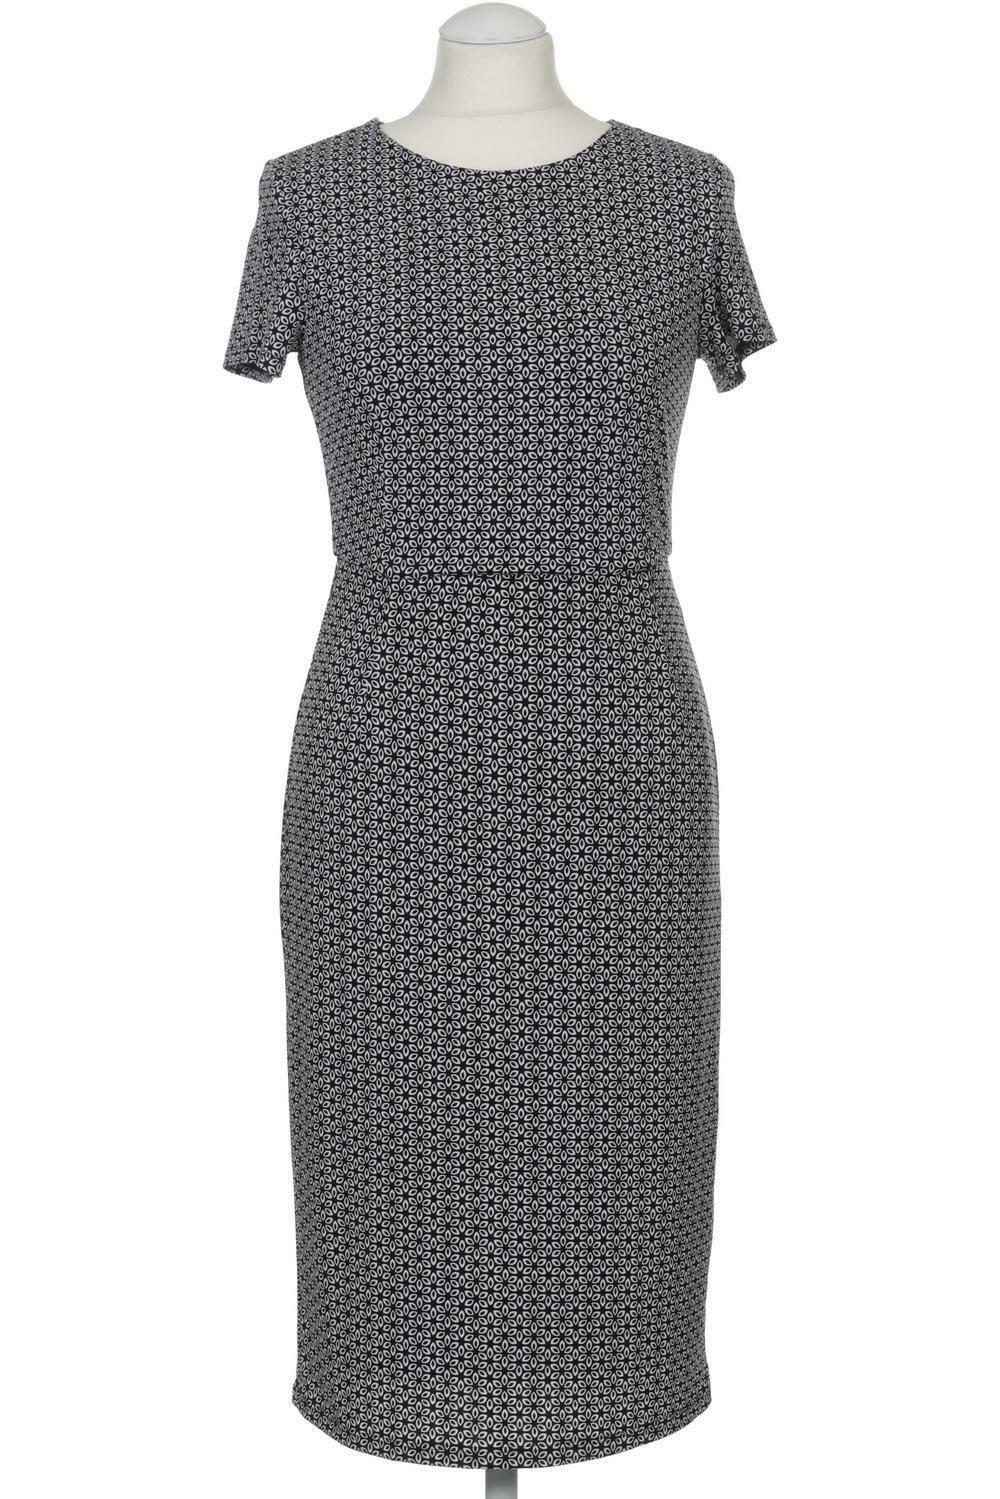 Esprit Kleid Damen Dress Damenkleid Gr. S Elasthan schwarz